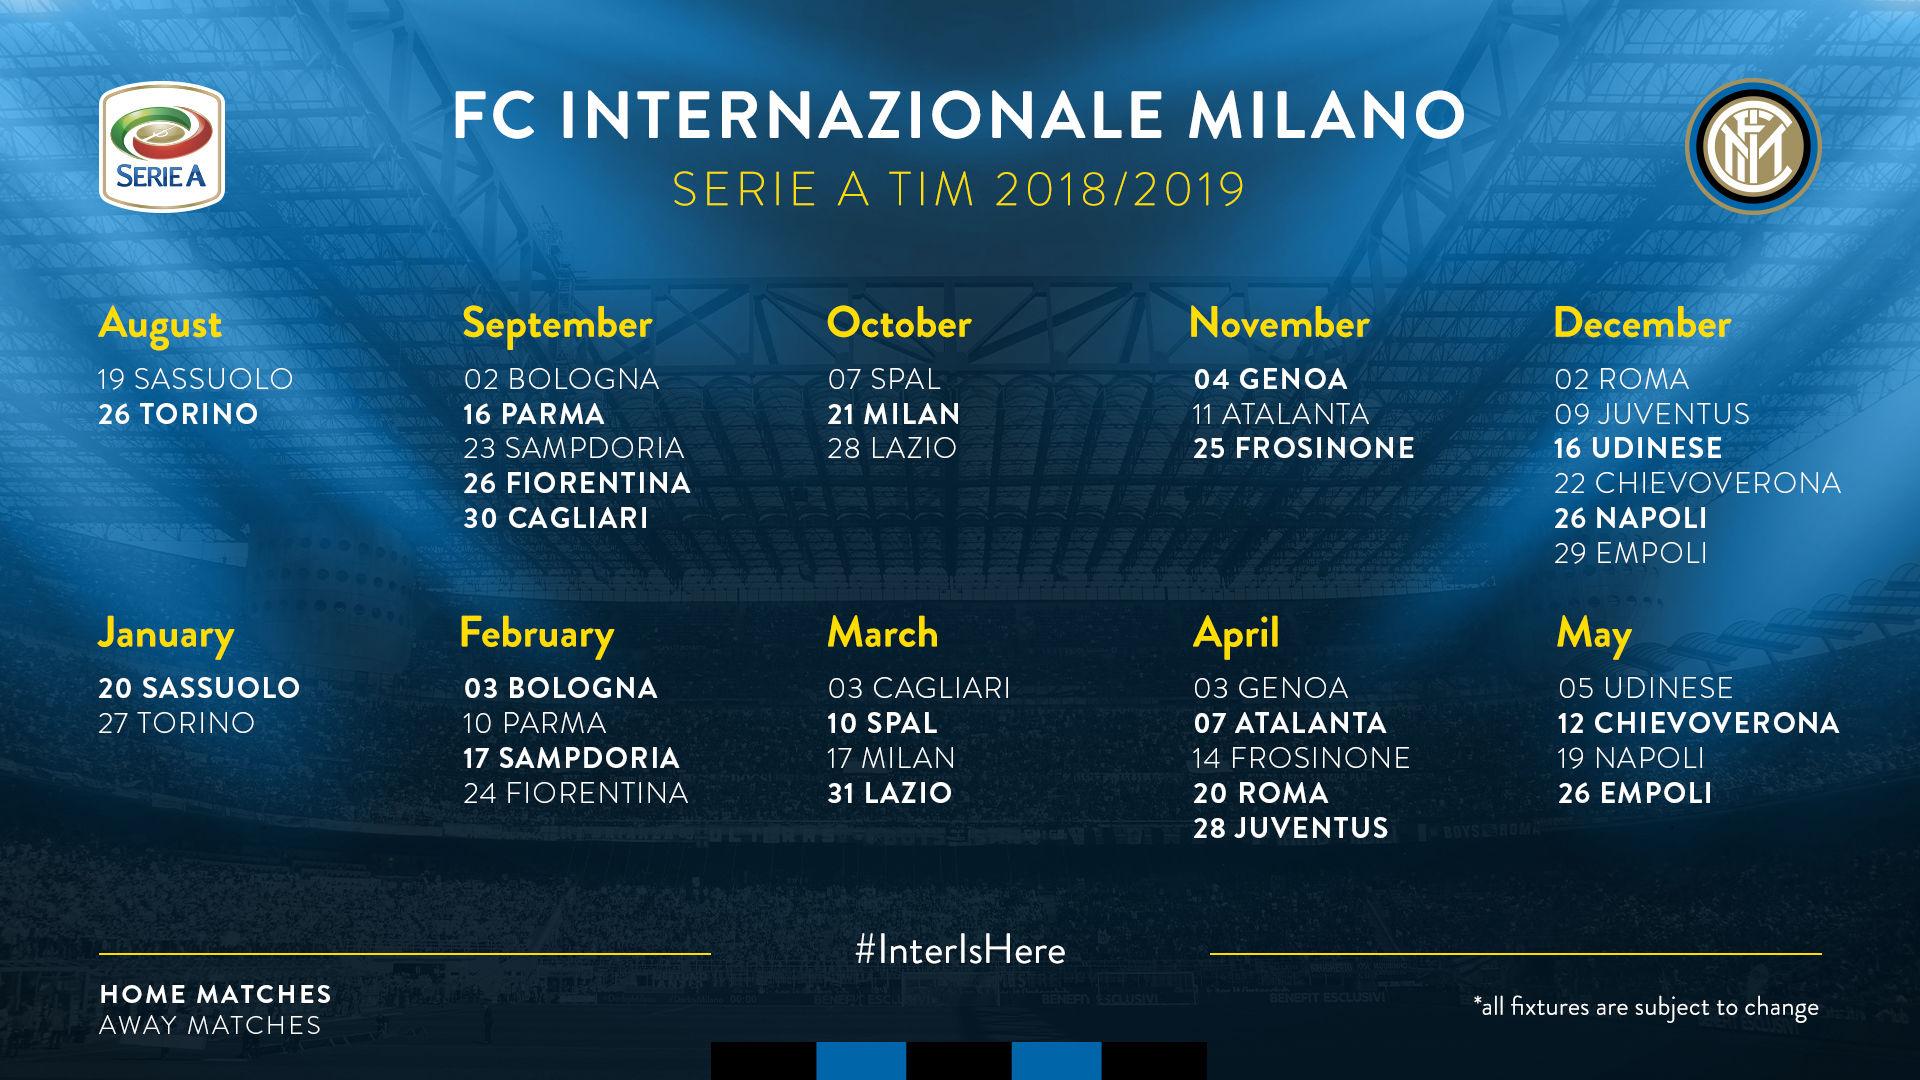 Calendario Serie A Tim 2019.Serie A Tim 2018 2019 Il Calendario Dell Inter Clubcampani